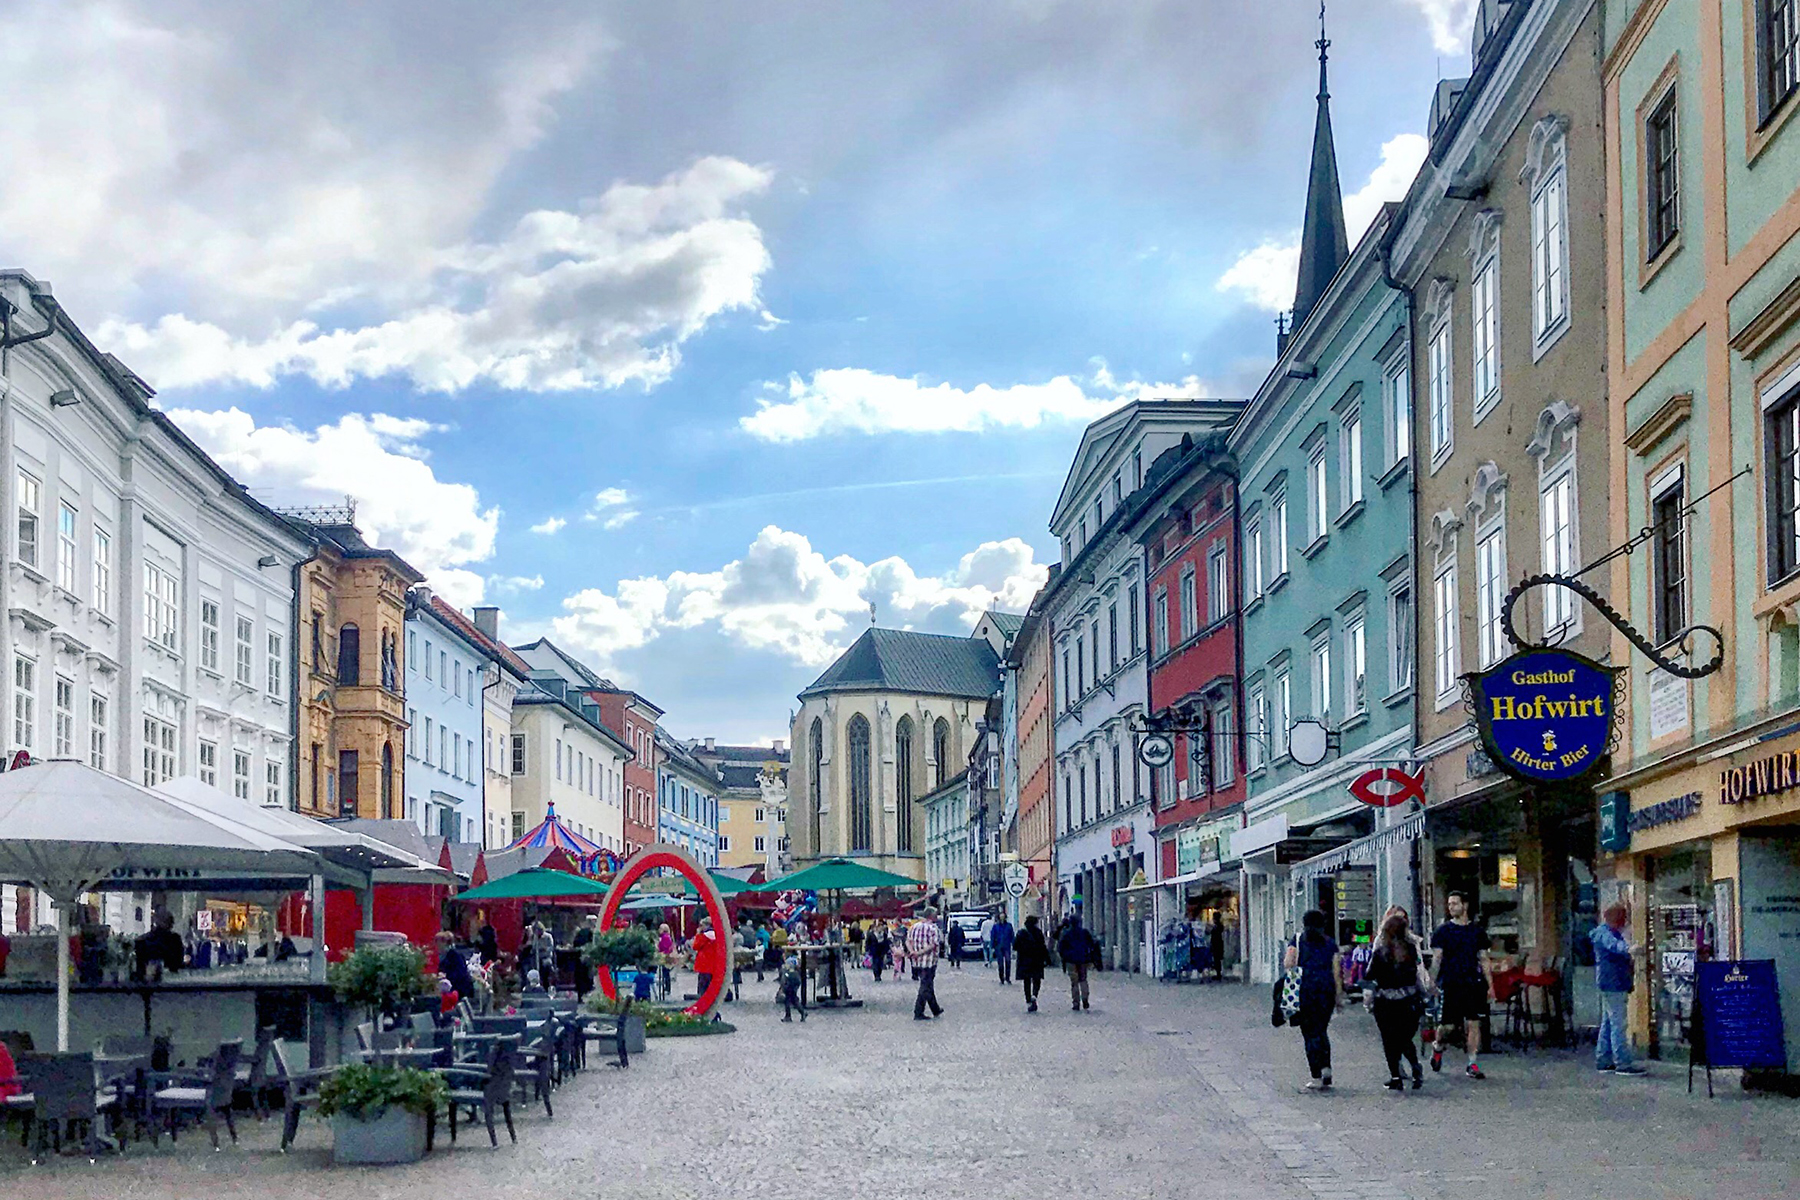 Sommerurlaub in Kärnten: 10 Highlights, die man im Sommer in Kärnten erleben muss